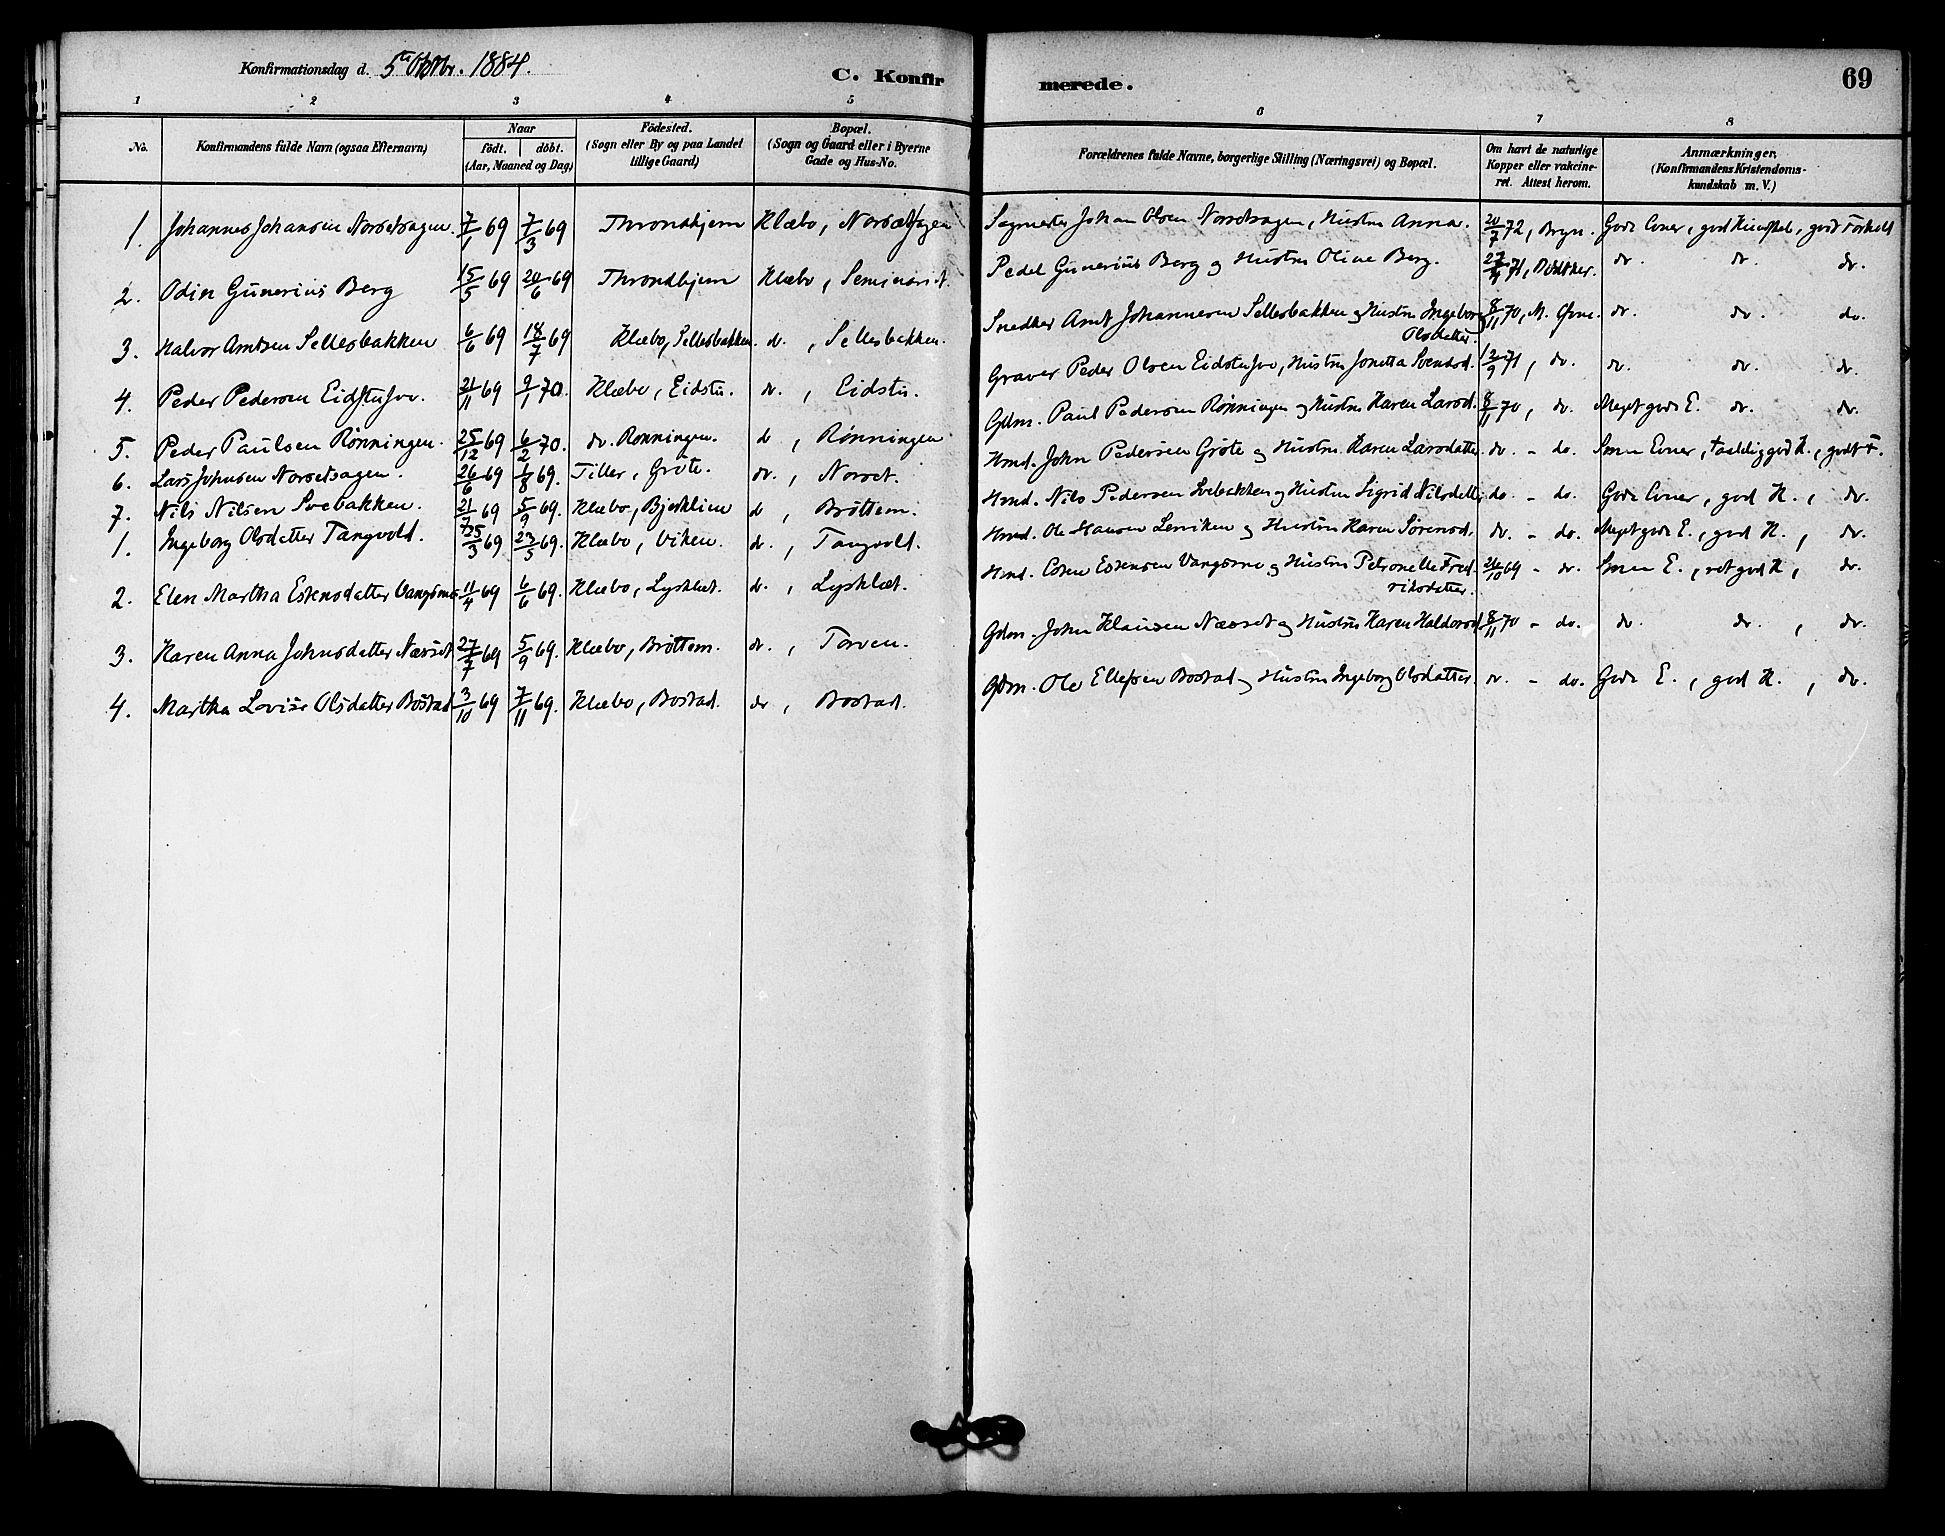 SAT, Ministerialprotokoller, klokkerbøker og fødselsregistre - Sør-Trøndelag, 618/L0444: Ministerialbok nr. 618A07, 1880-1898, s. 69